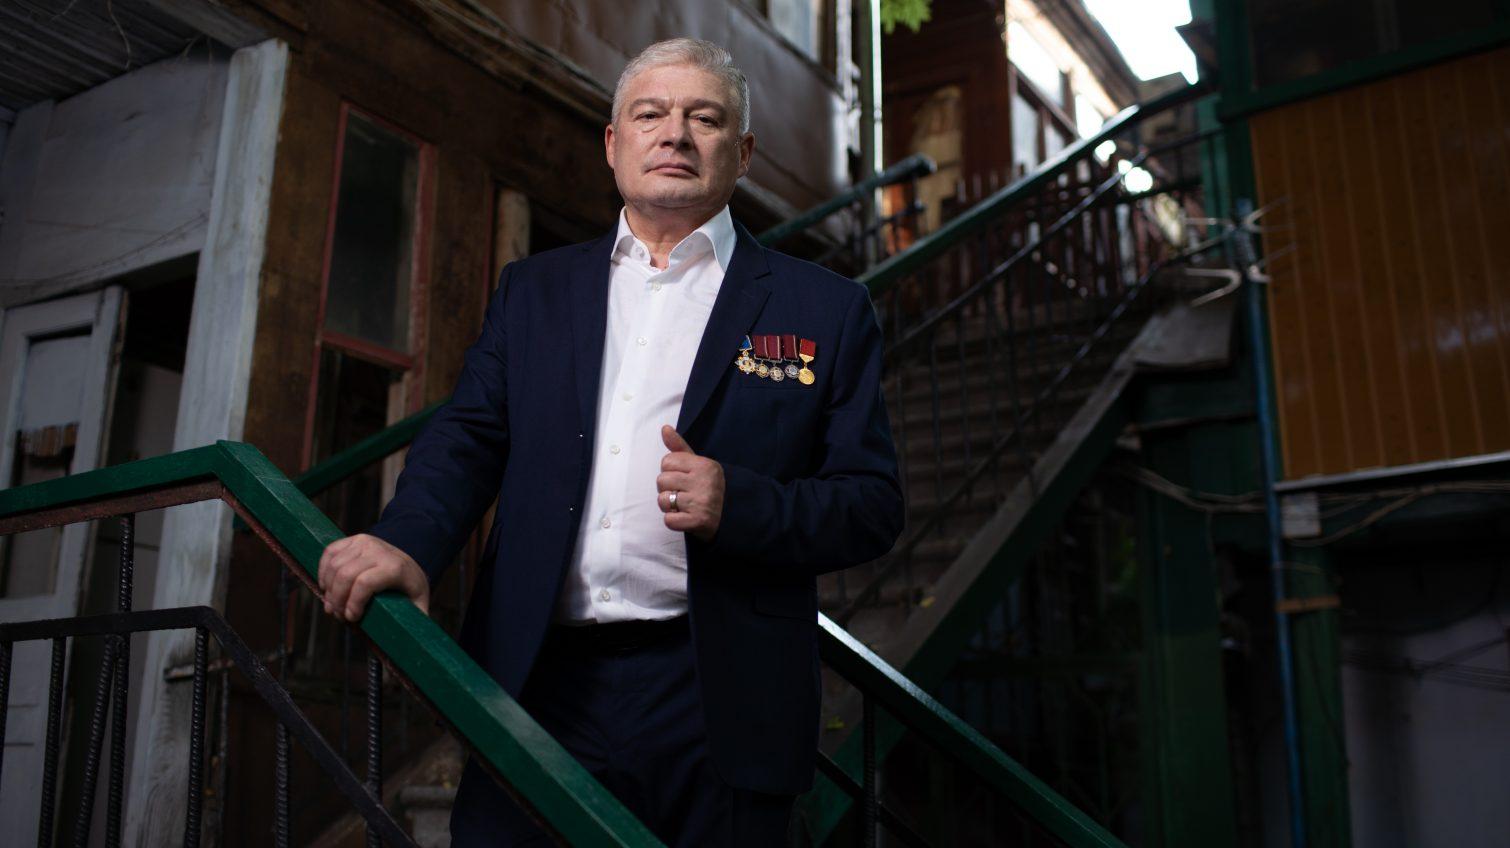 Евгений Червоненко: «В Одессе все говорят про Порто-Франко, а я предлагаю Сан-Франциско» «фото»